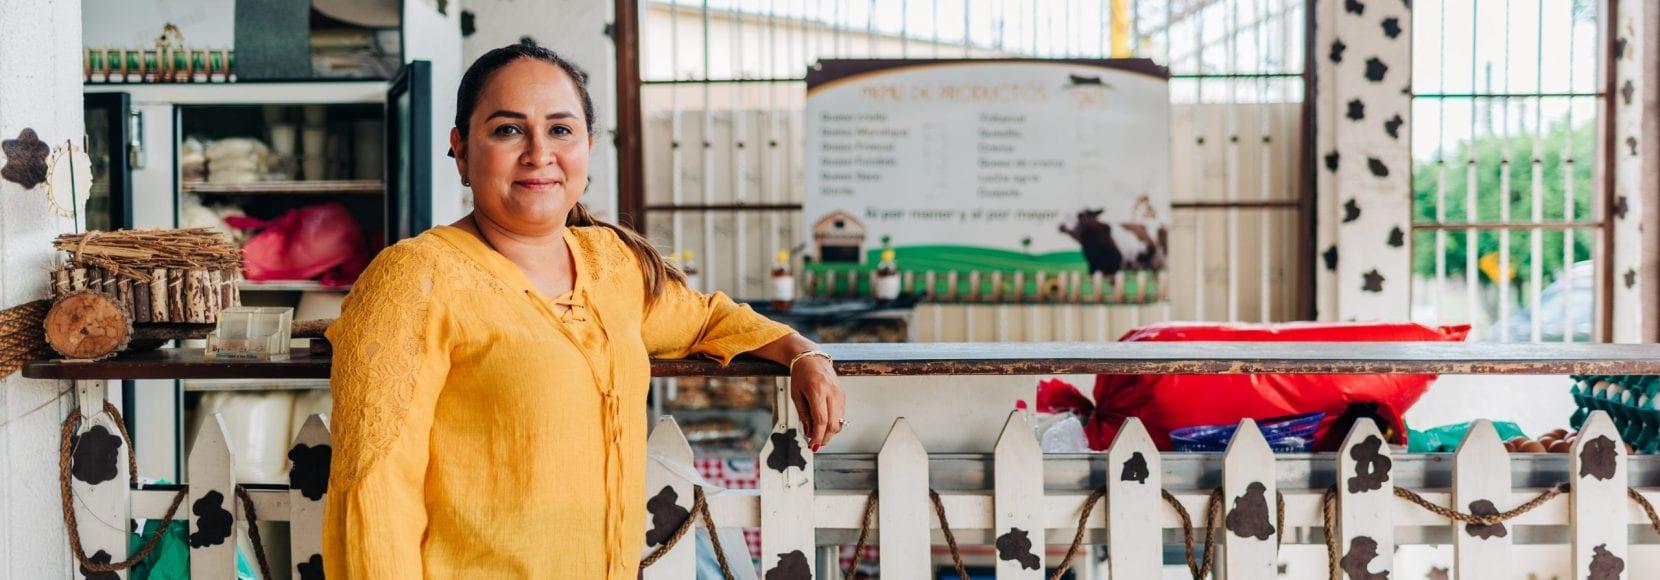 Idalia Medina stands in her shop in Managua, Nicaragua